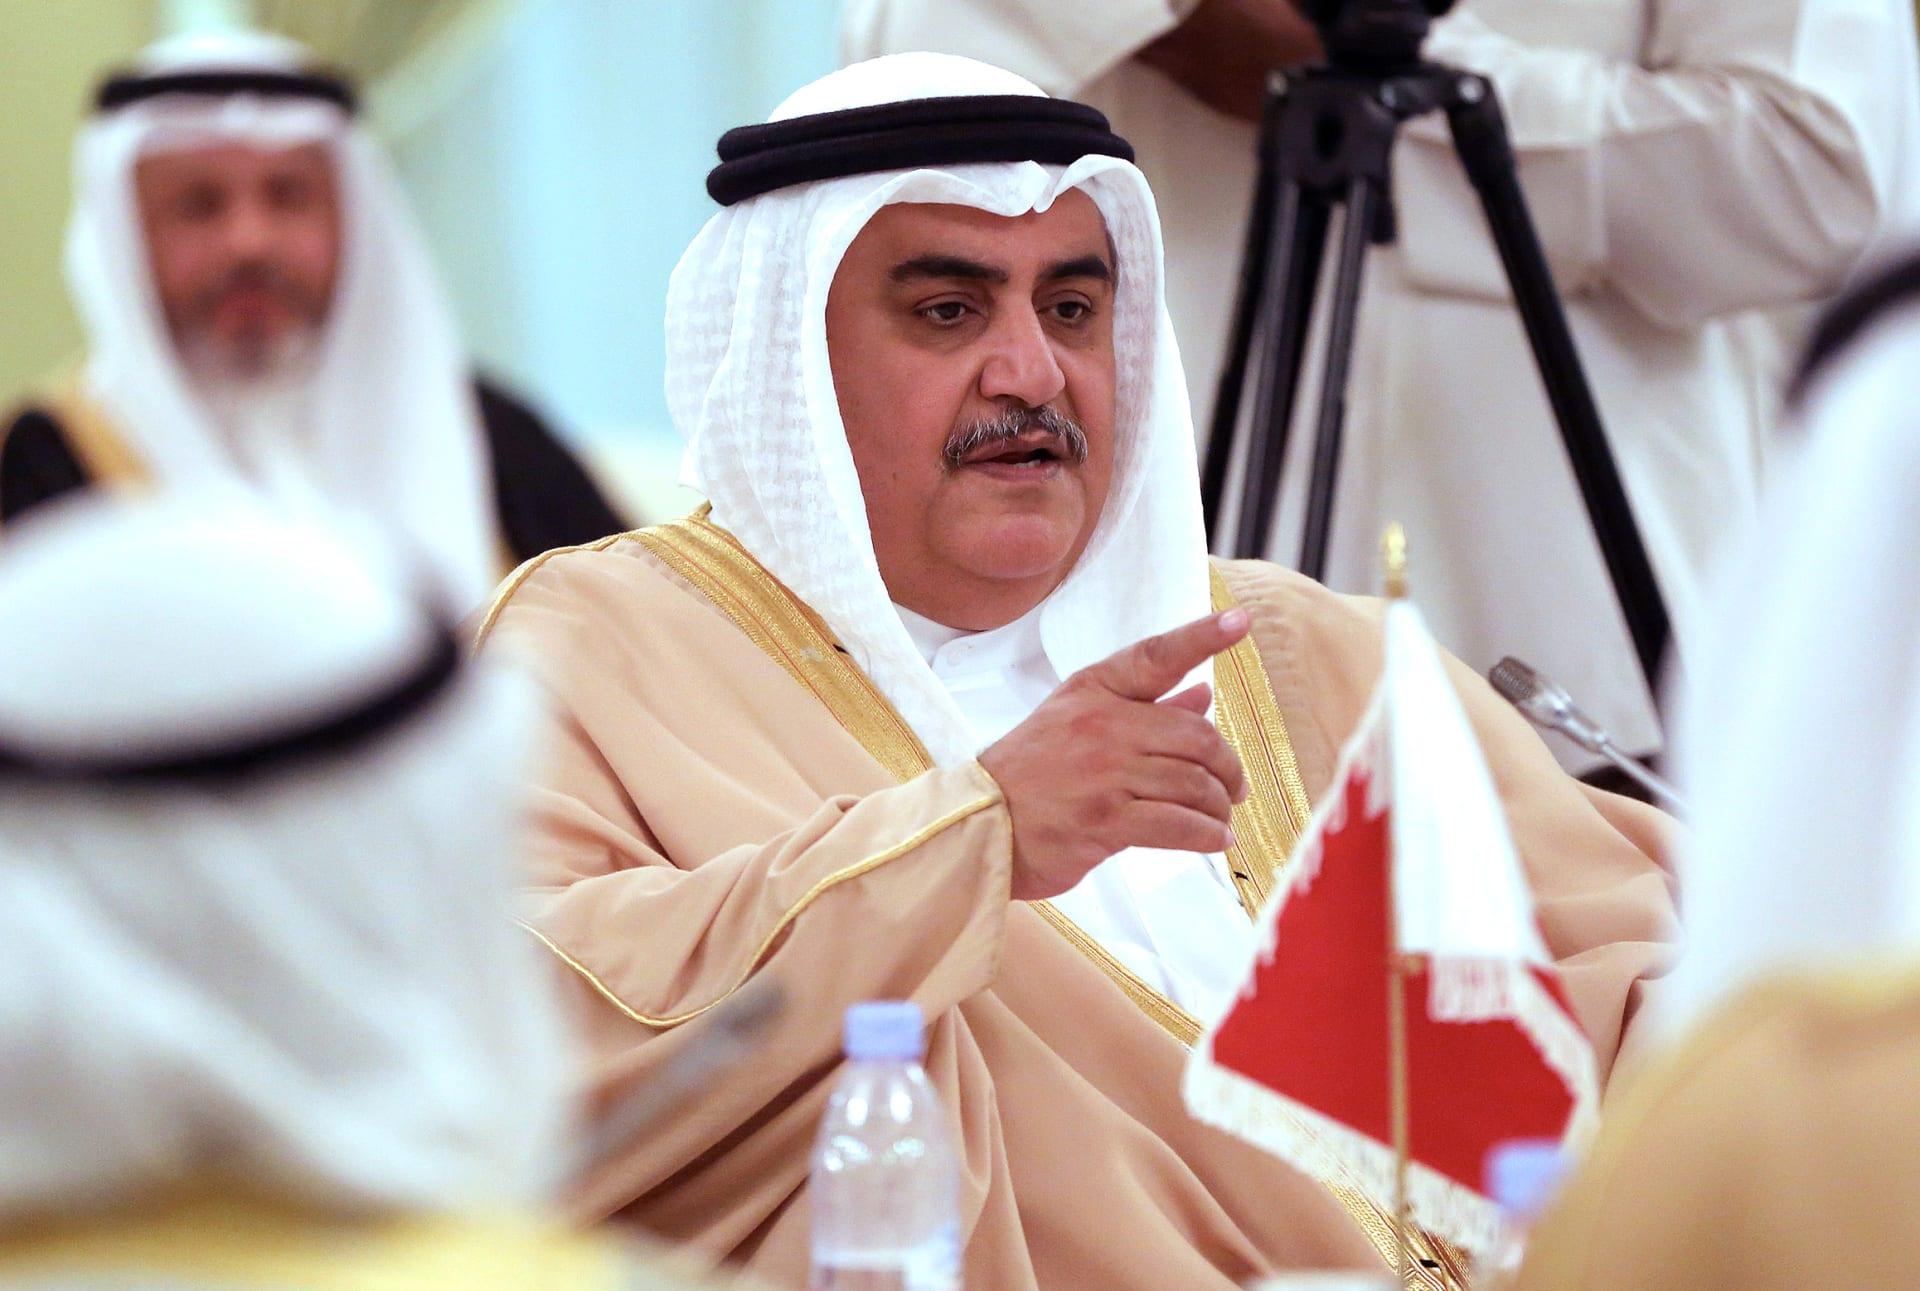 وزير خارجية البحرين يستنكر الهجوم على نقطة أمنية شرقي السعودية